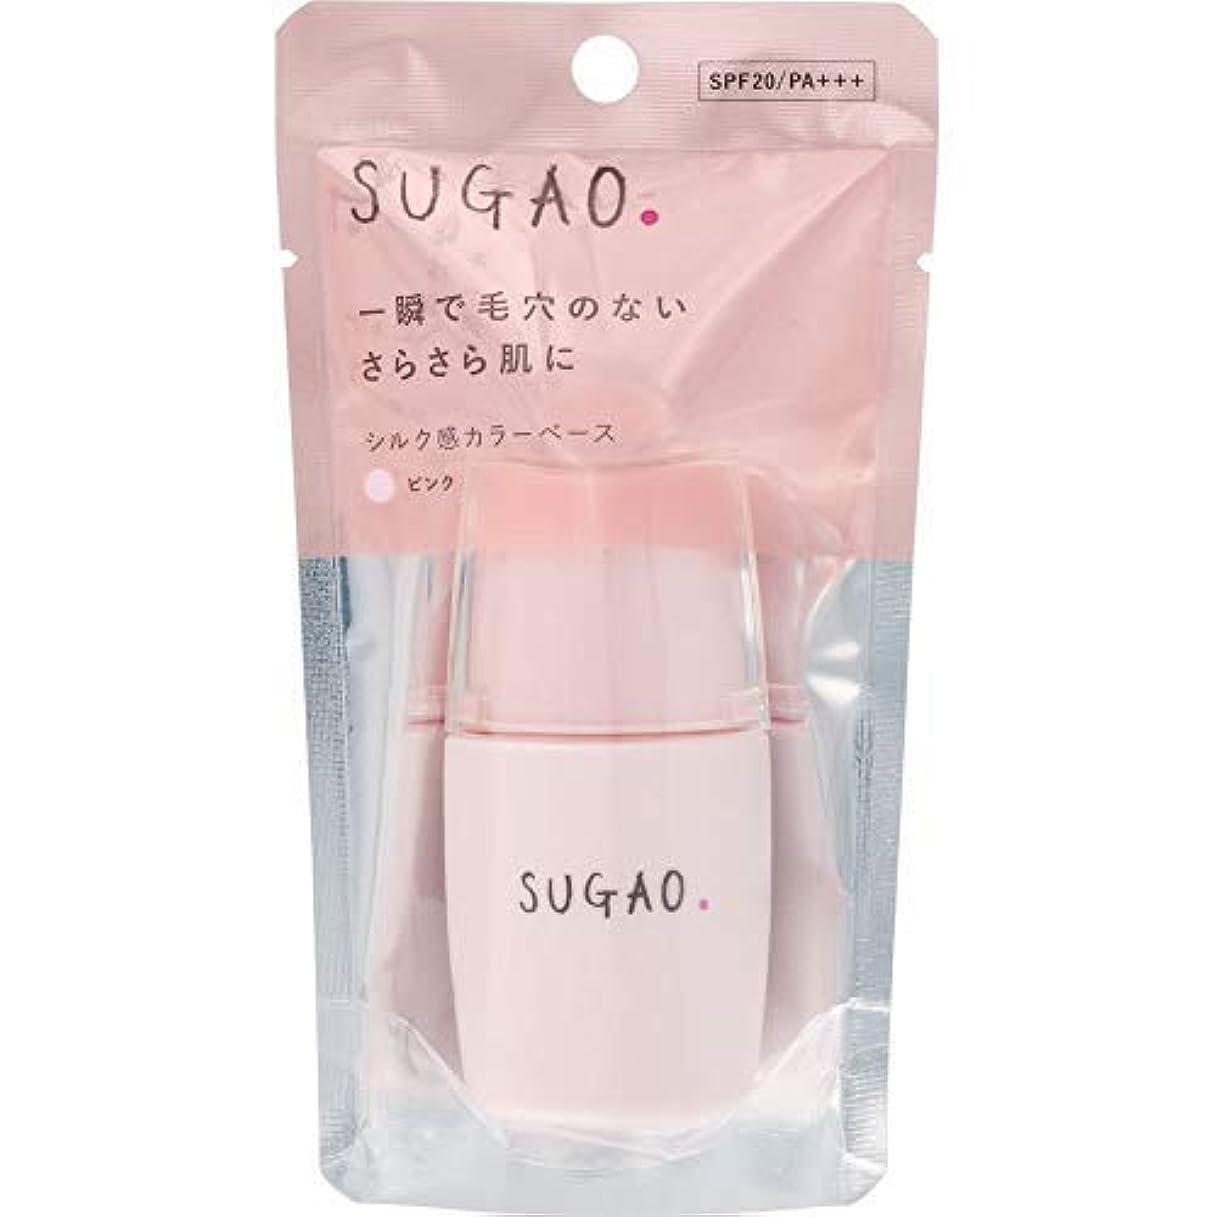 運動腹部擬人化SUGAO シルク感カラーベース ピンク × 2個セット